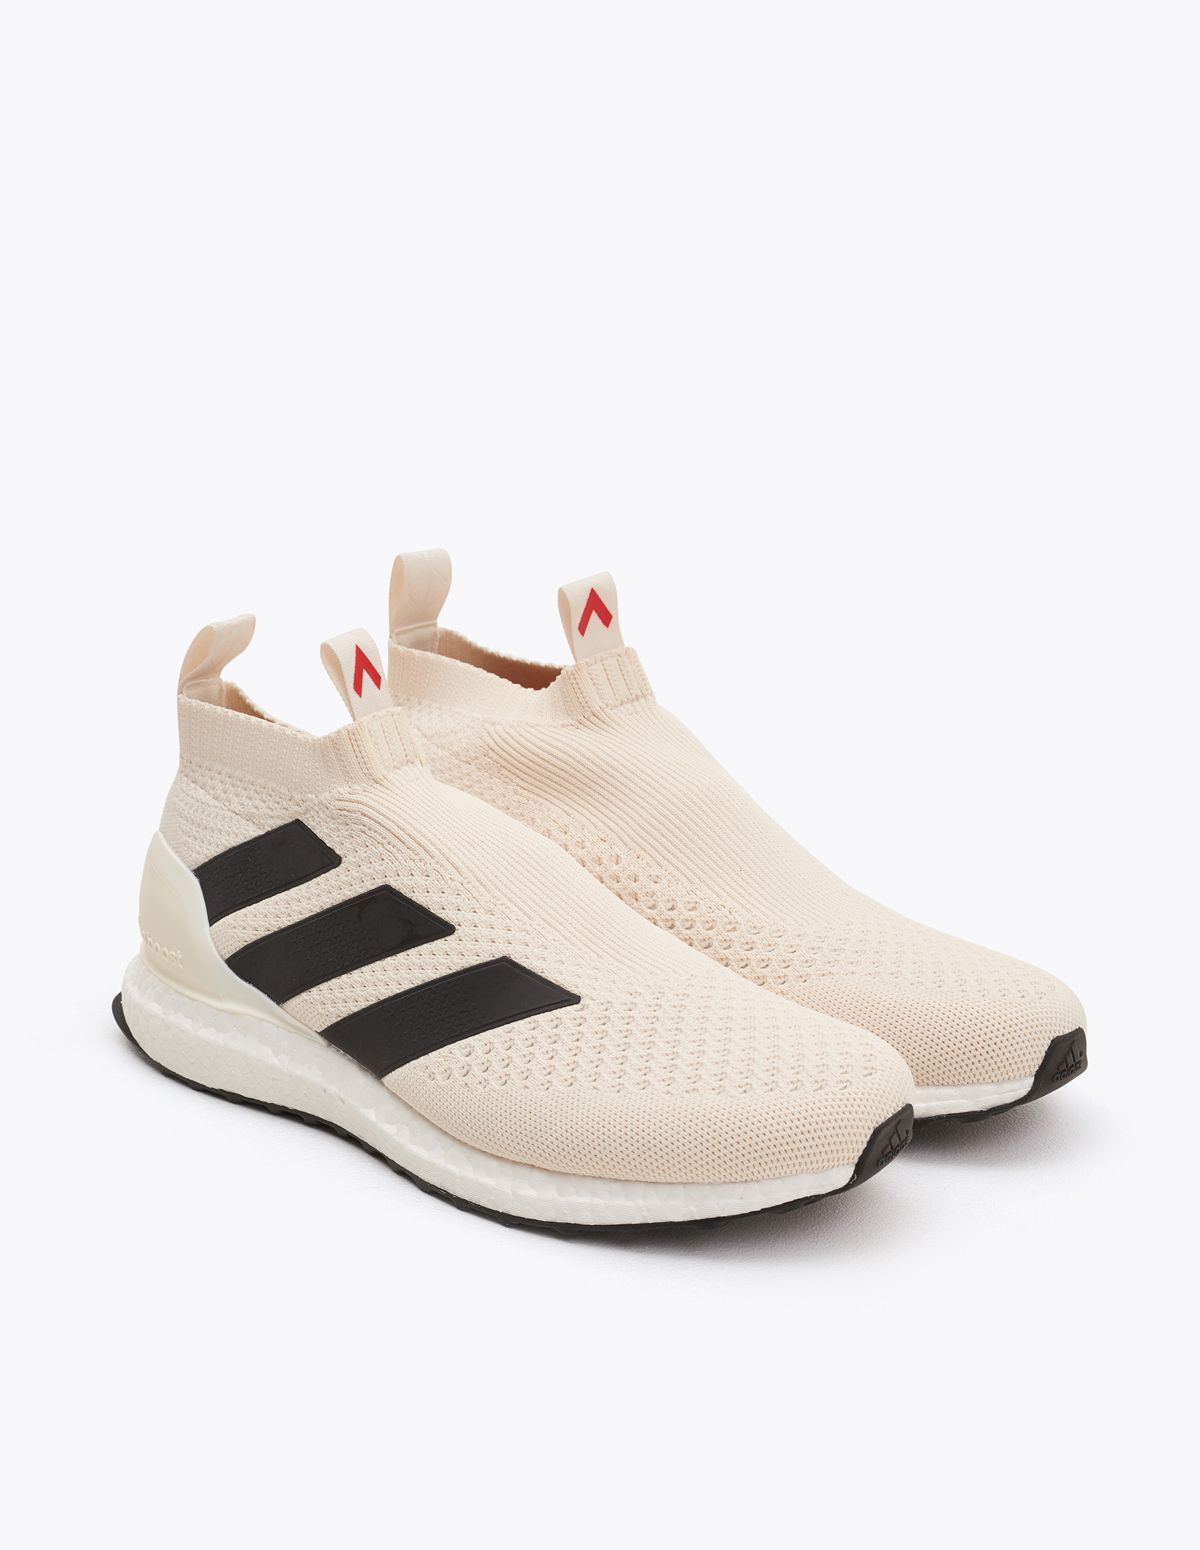 Adidas Originals Ace 17 Pure Control Ultraboost Off White Adidas Sneakers Adidas Originals